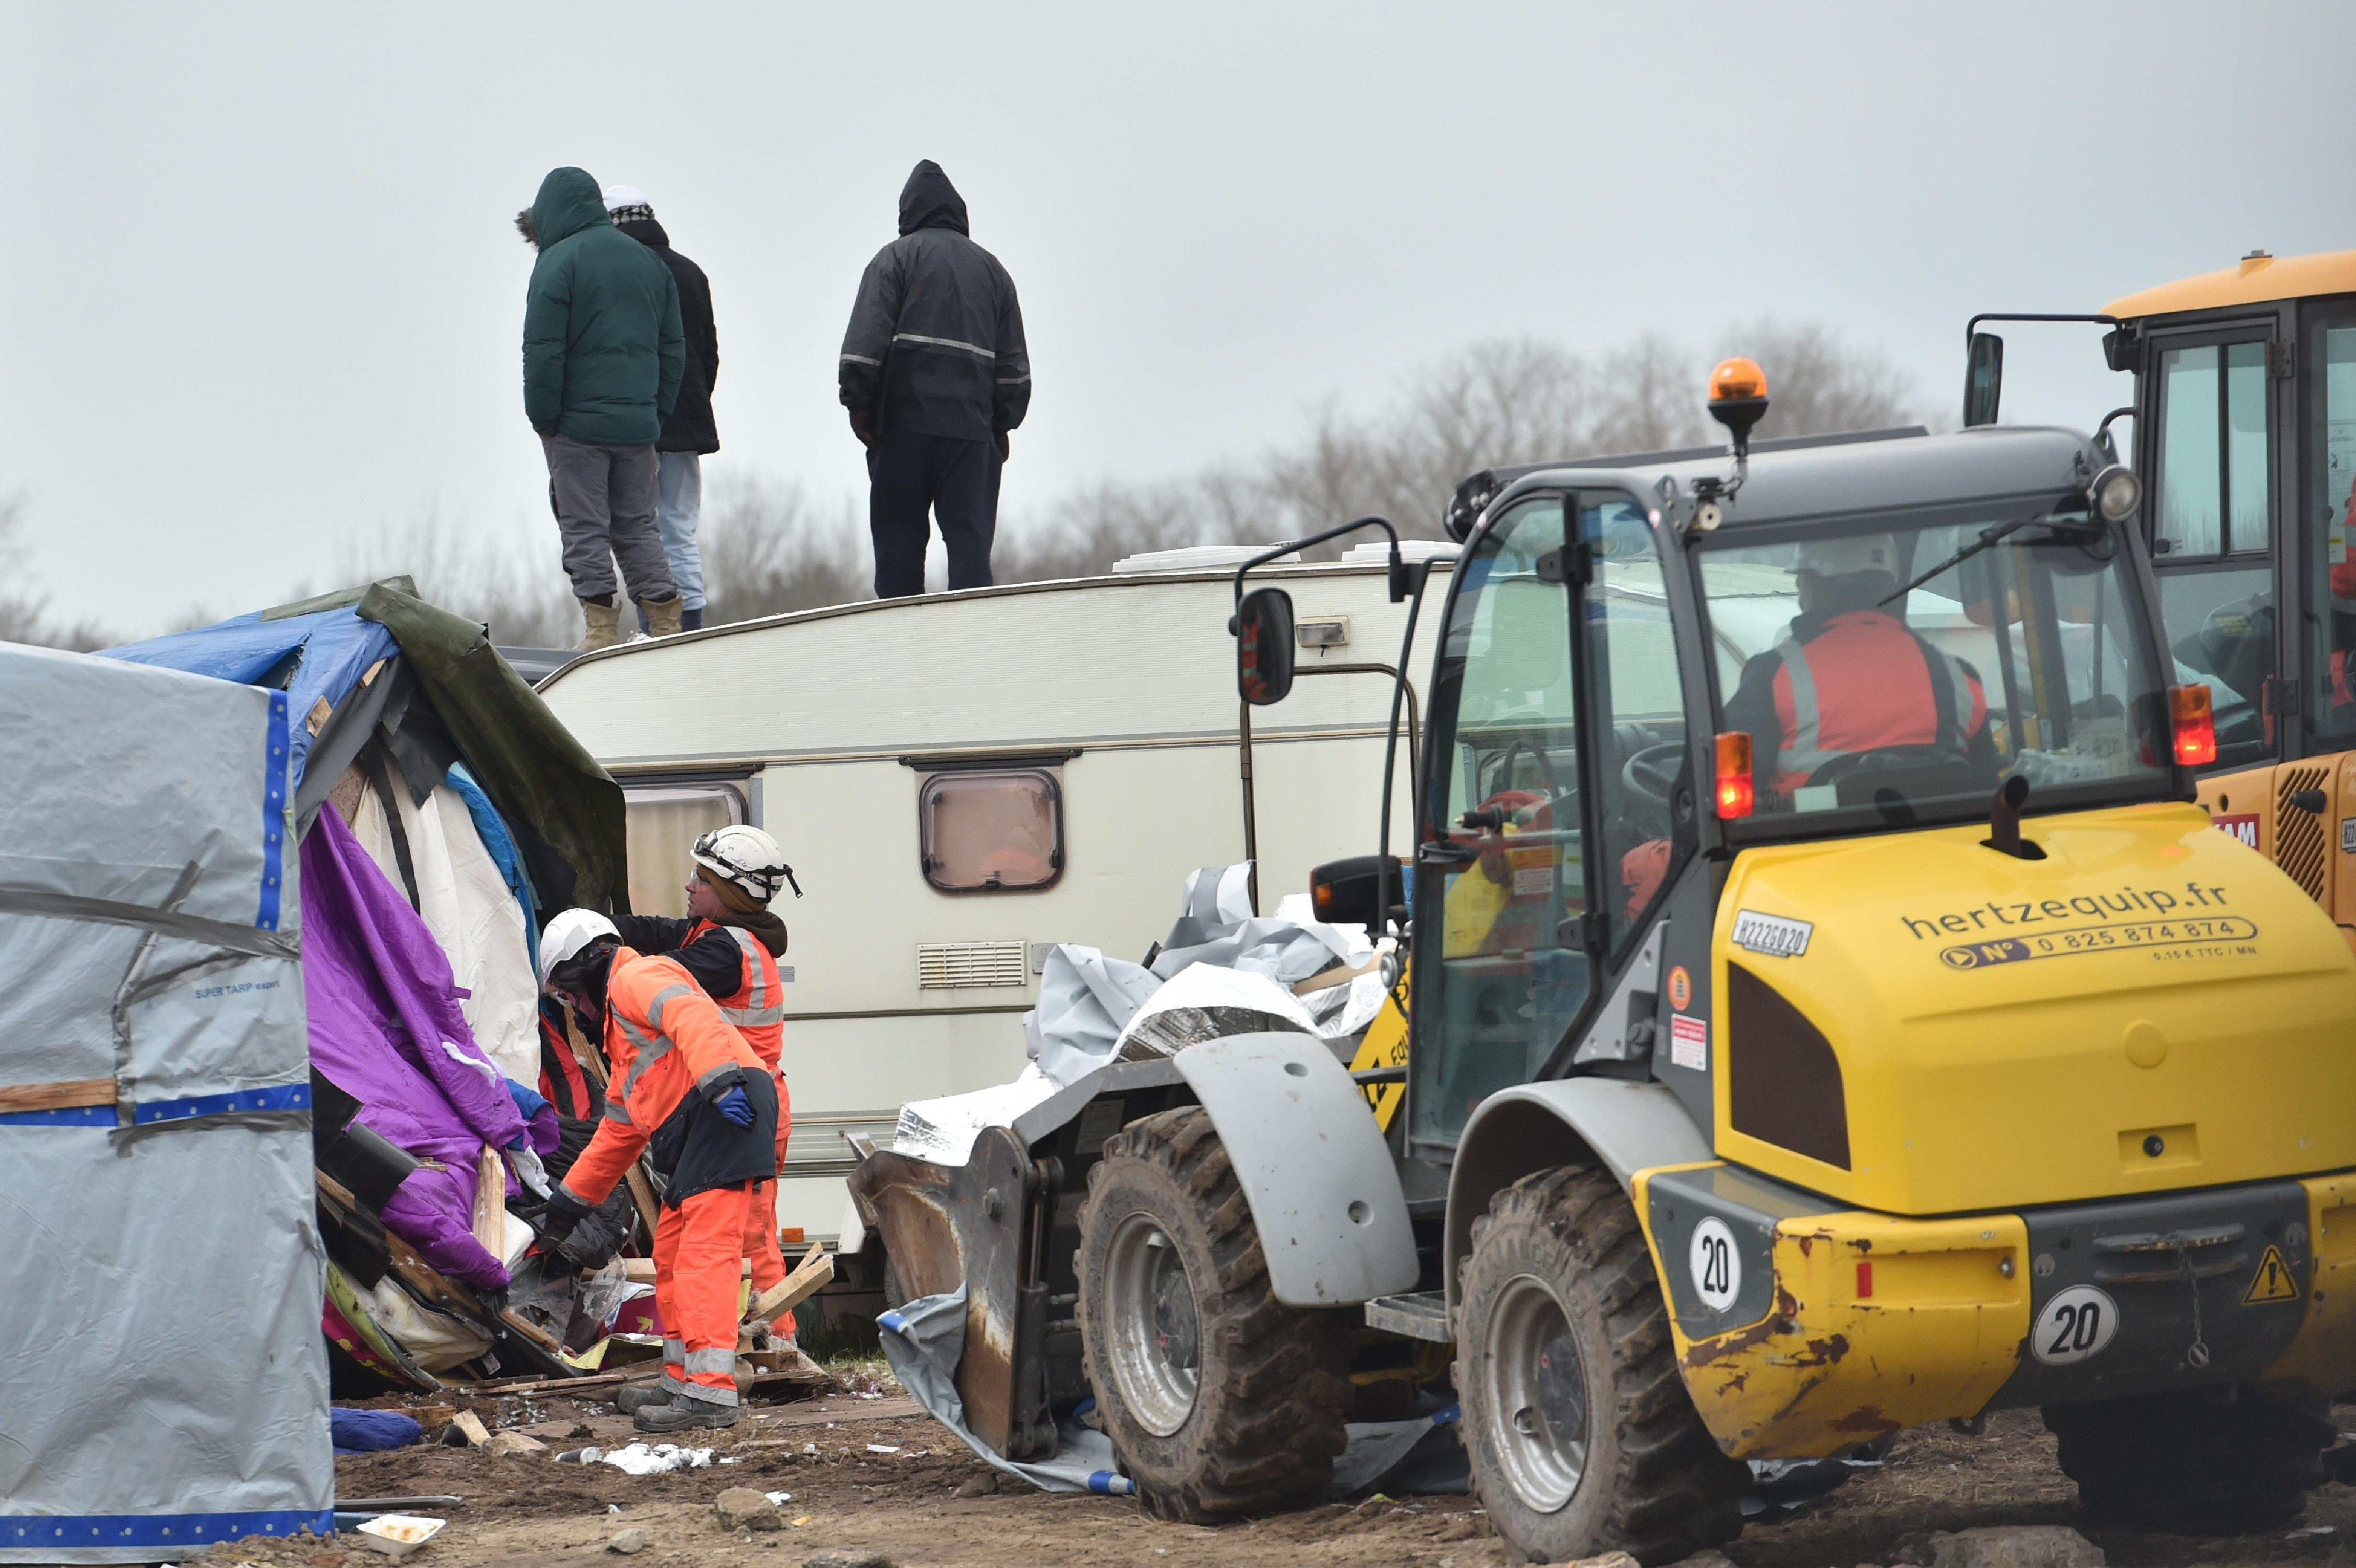 Francia, al via a Calais la costruzione del muro anti-migranti